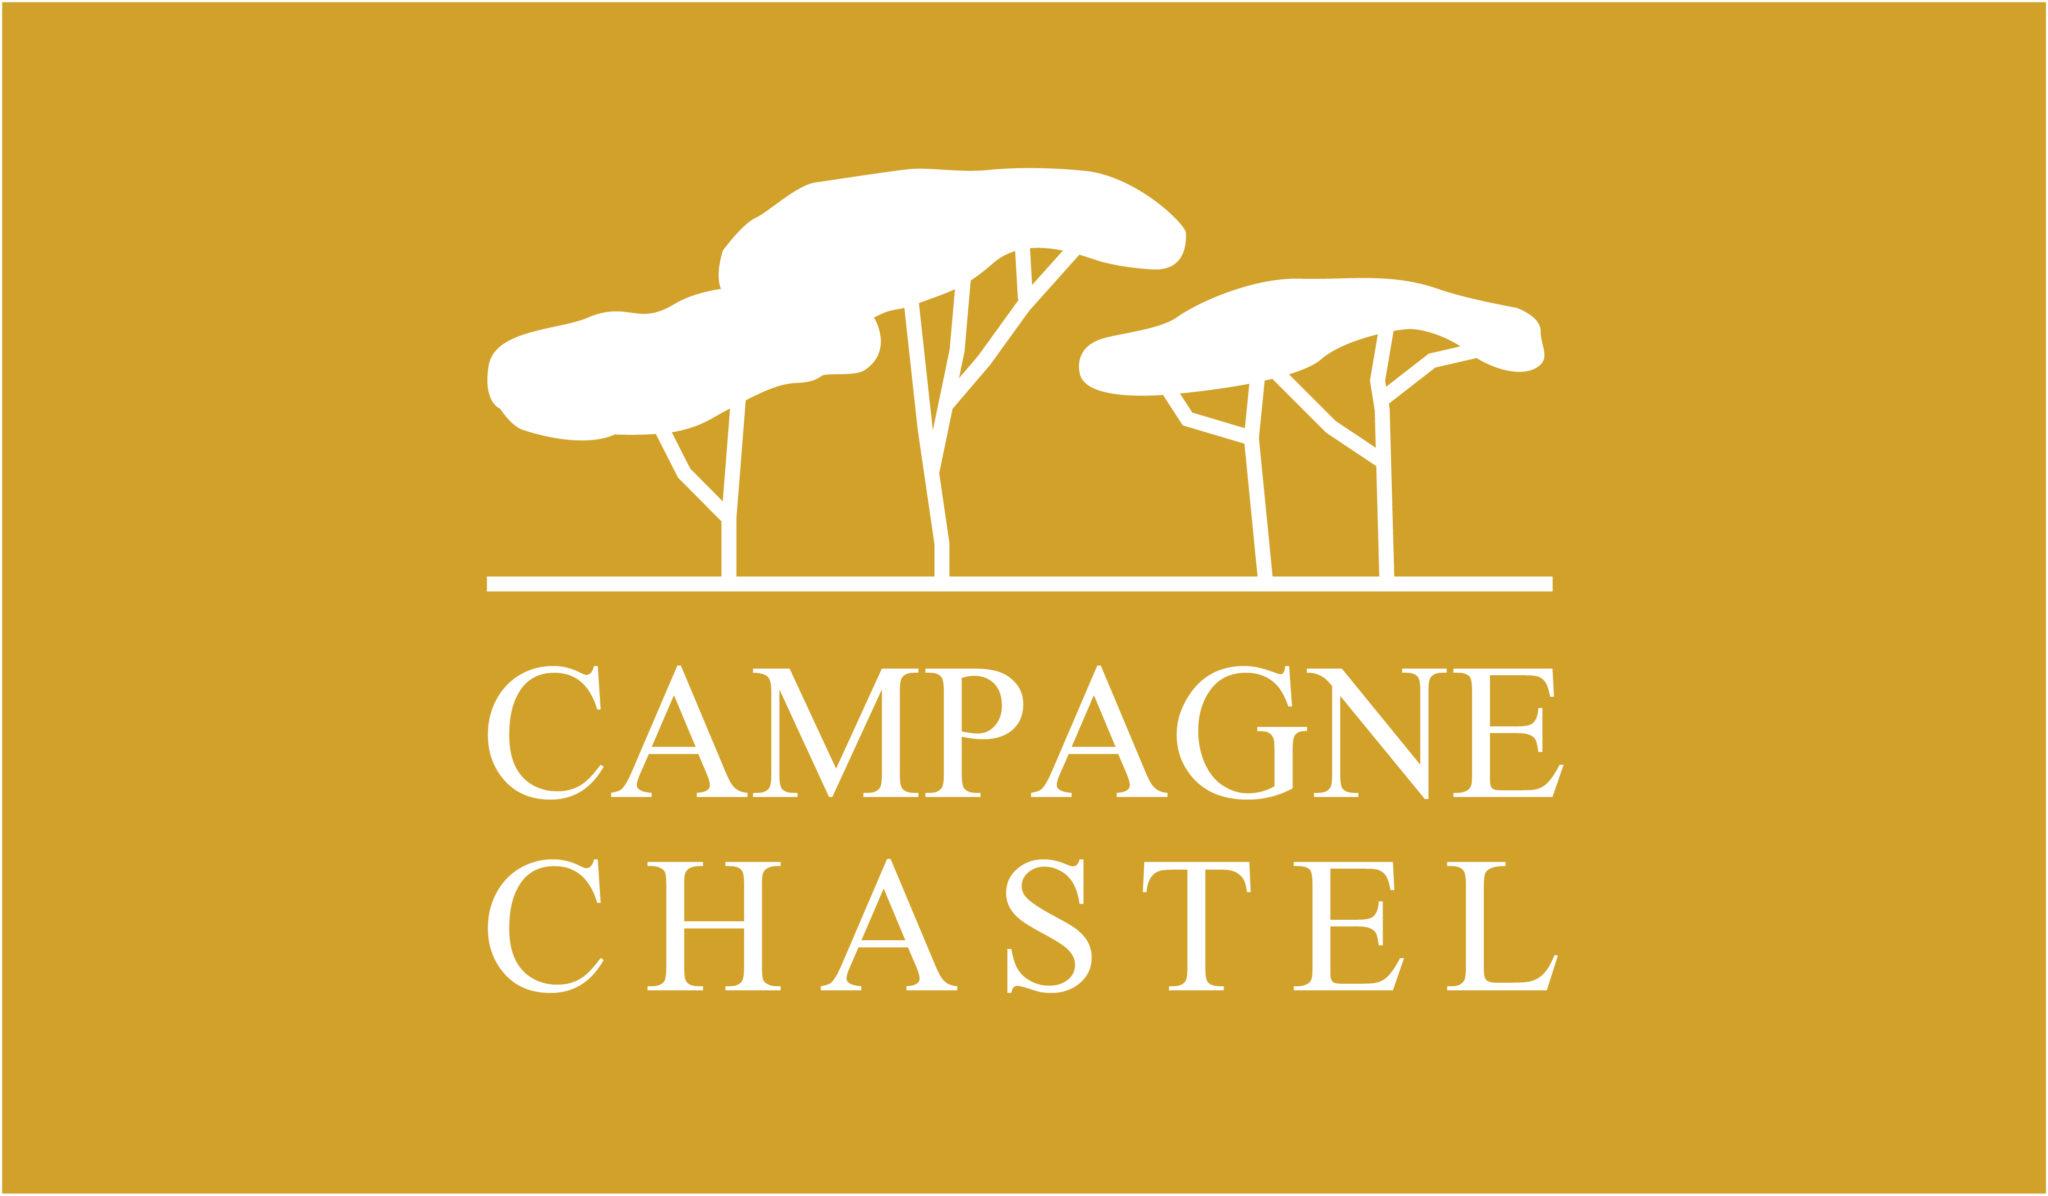 Campagne Chastel, Gîte & Maison d'hôtes, Aix-en-Provence